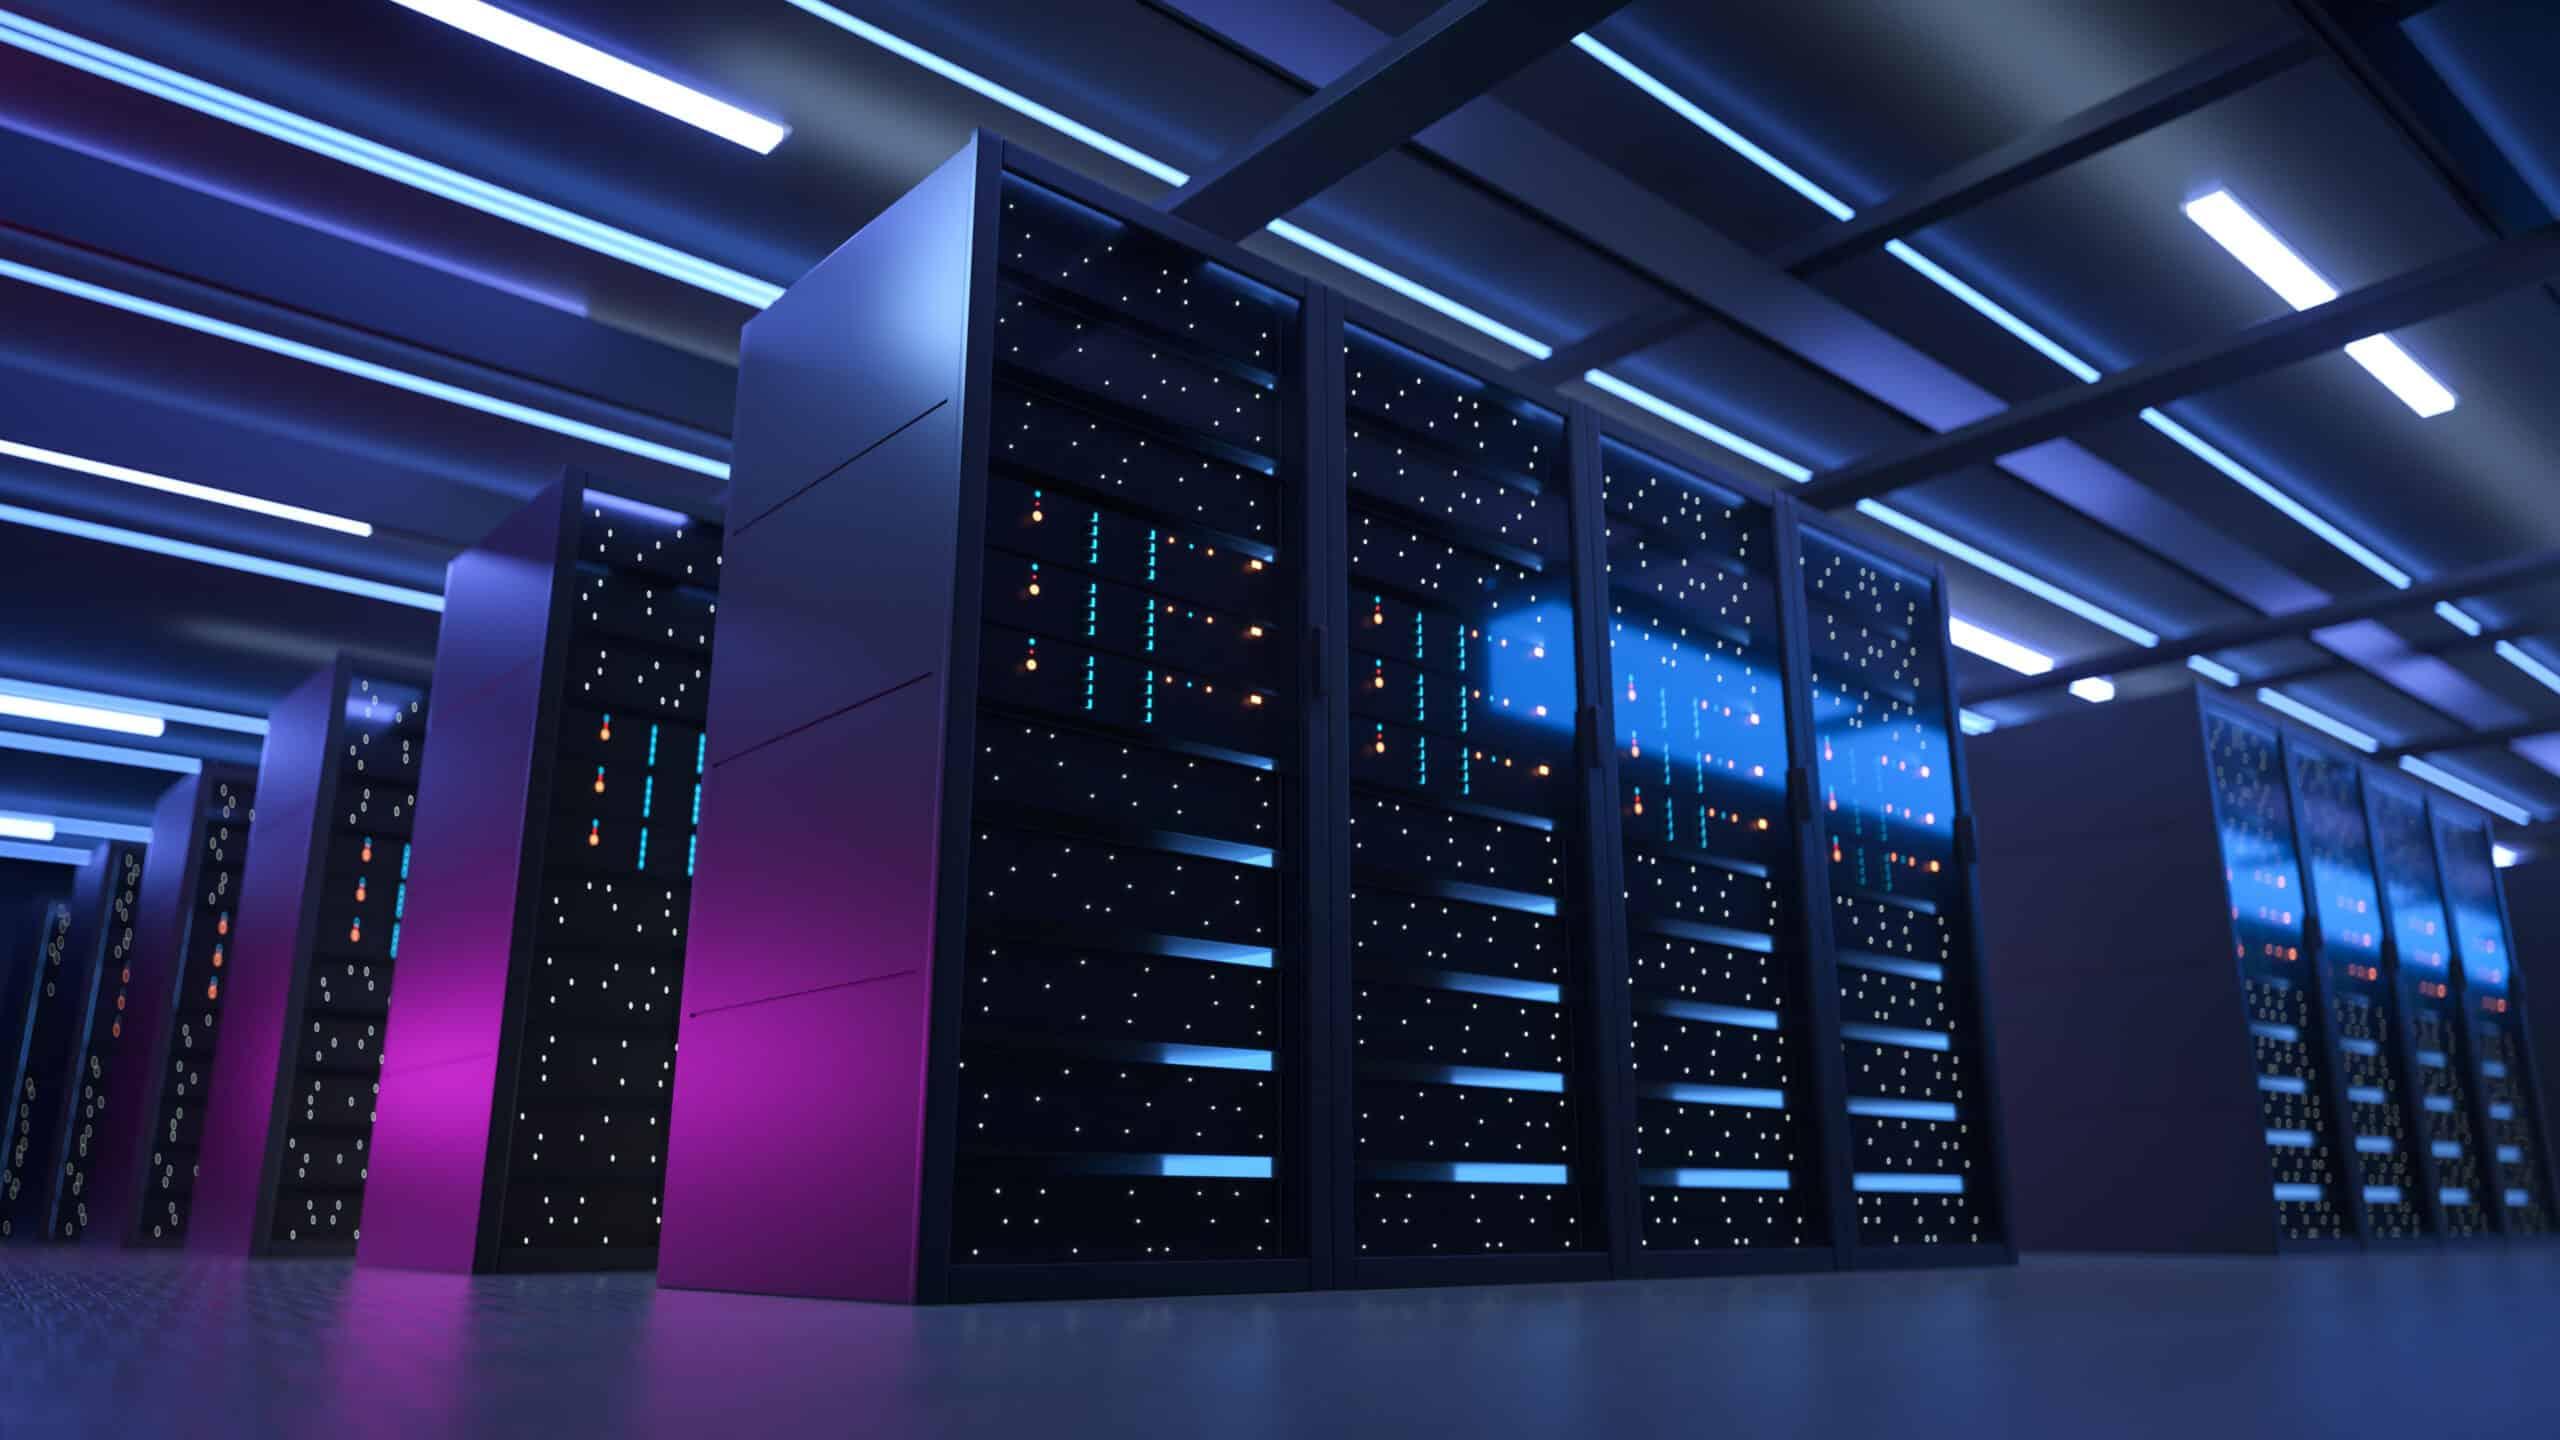 Working Data Center